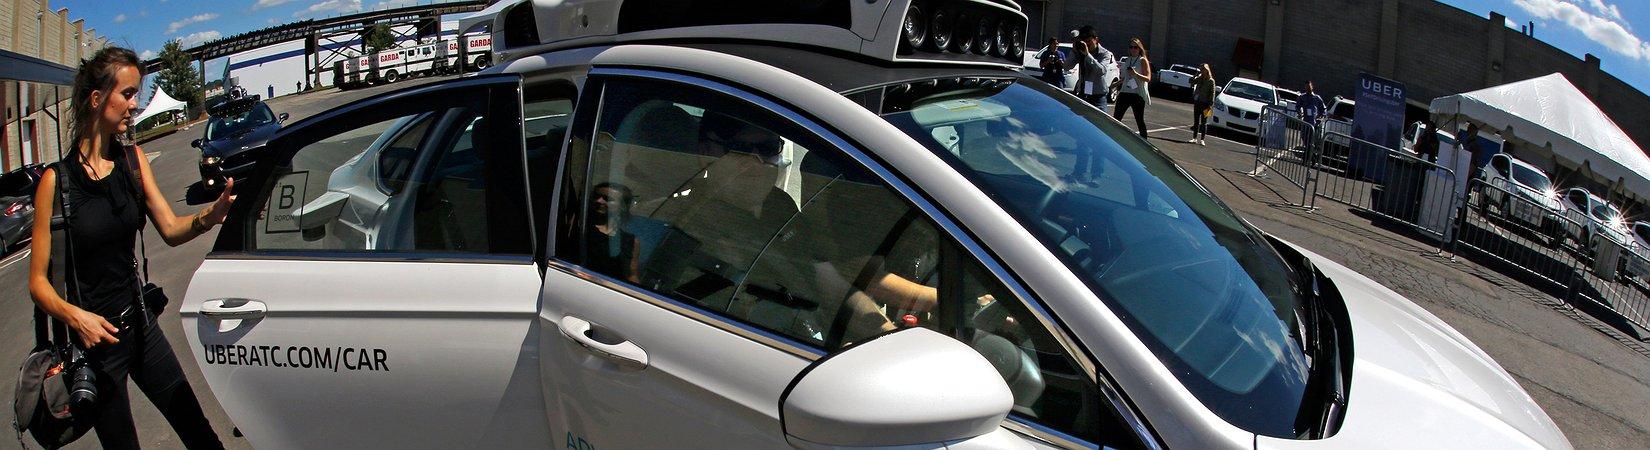 Uber: taxis autónomos y una posible OPV